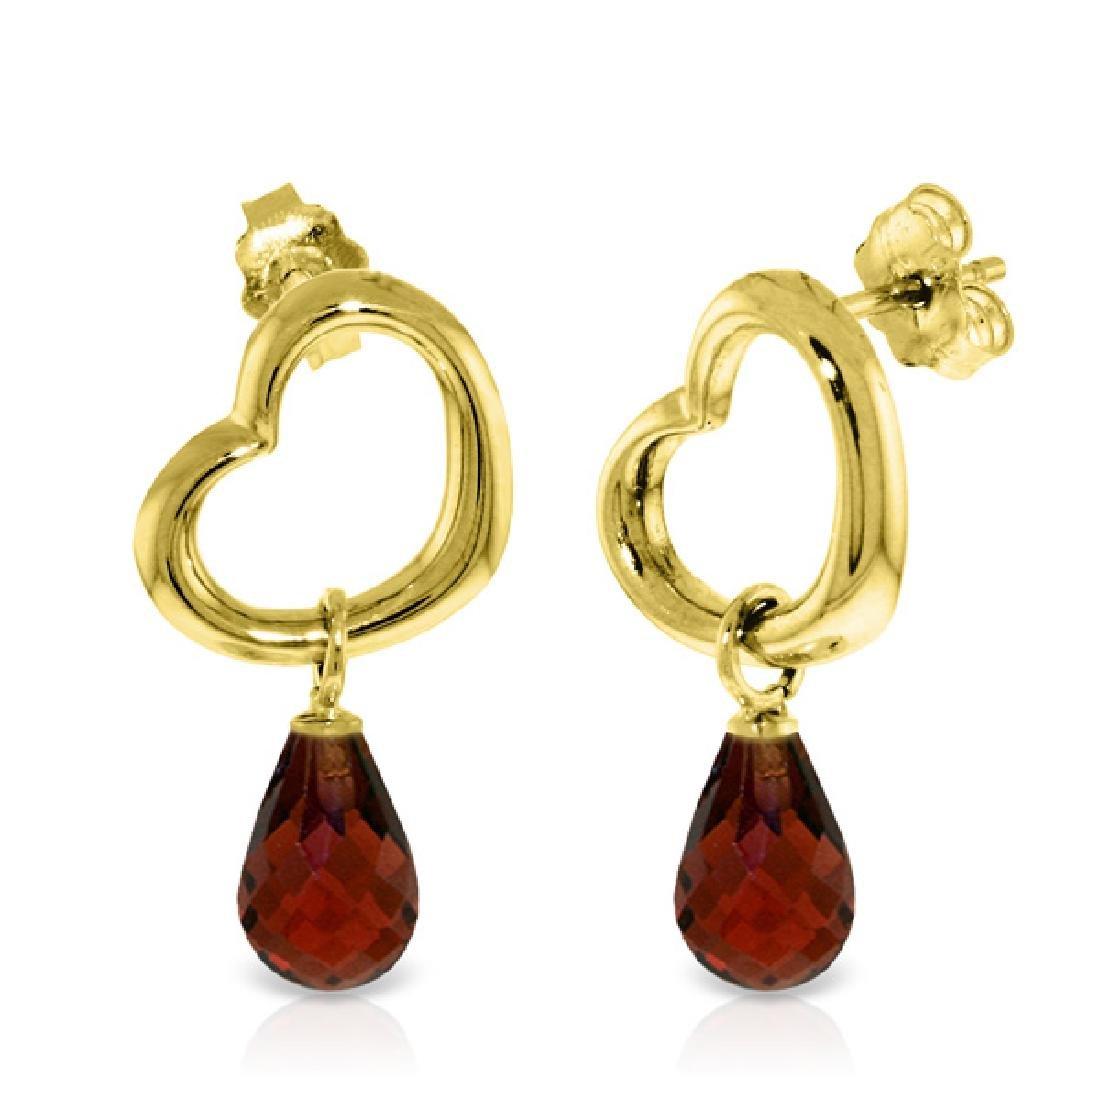 Genuine 4.5 ctw Garnet Earrings Jewelry 14KT Yellow